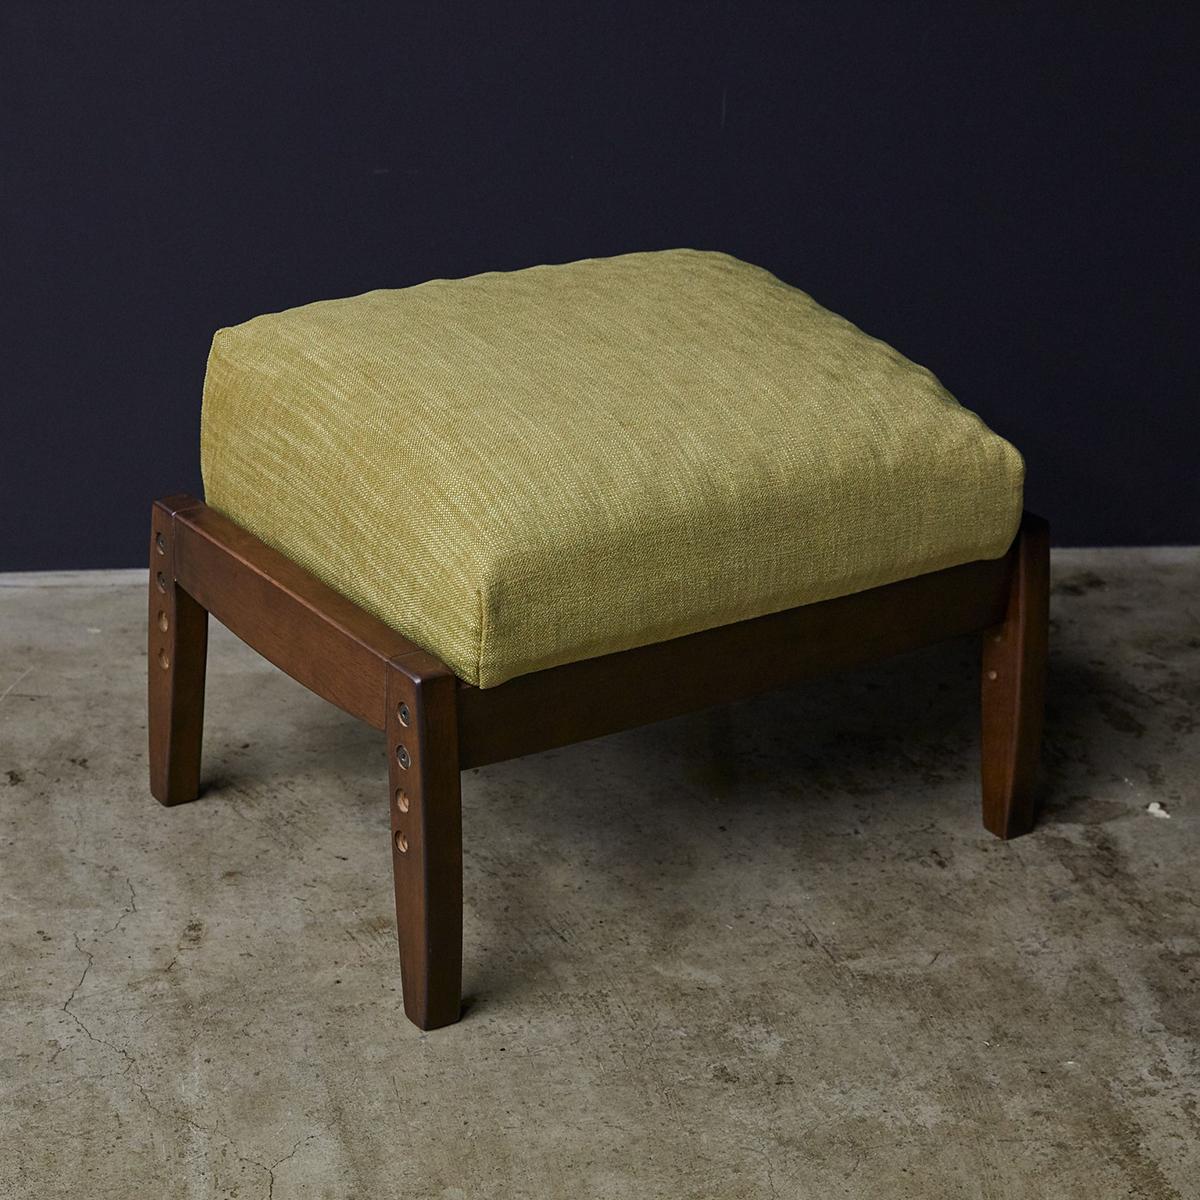 驚くほど腰がラクなのに、正しい姿勢が習慣化する。P!nto』ならではの座り心地は、作業療法士による設計から生まれた寝椅子(リラックスチェア)|P!nto